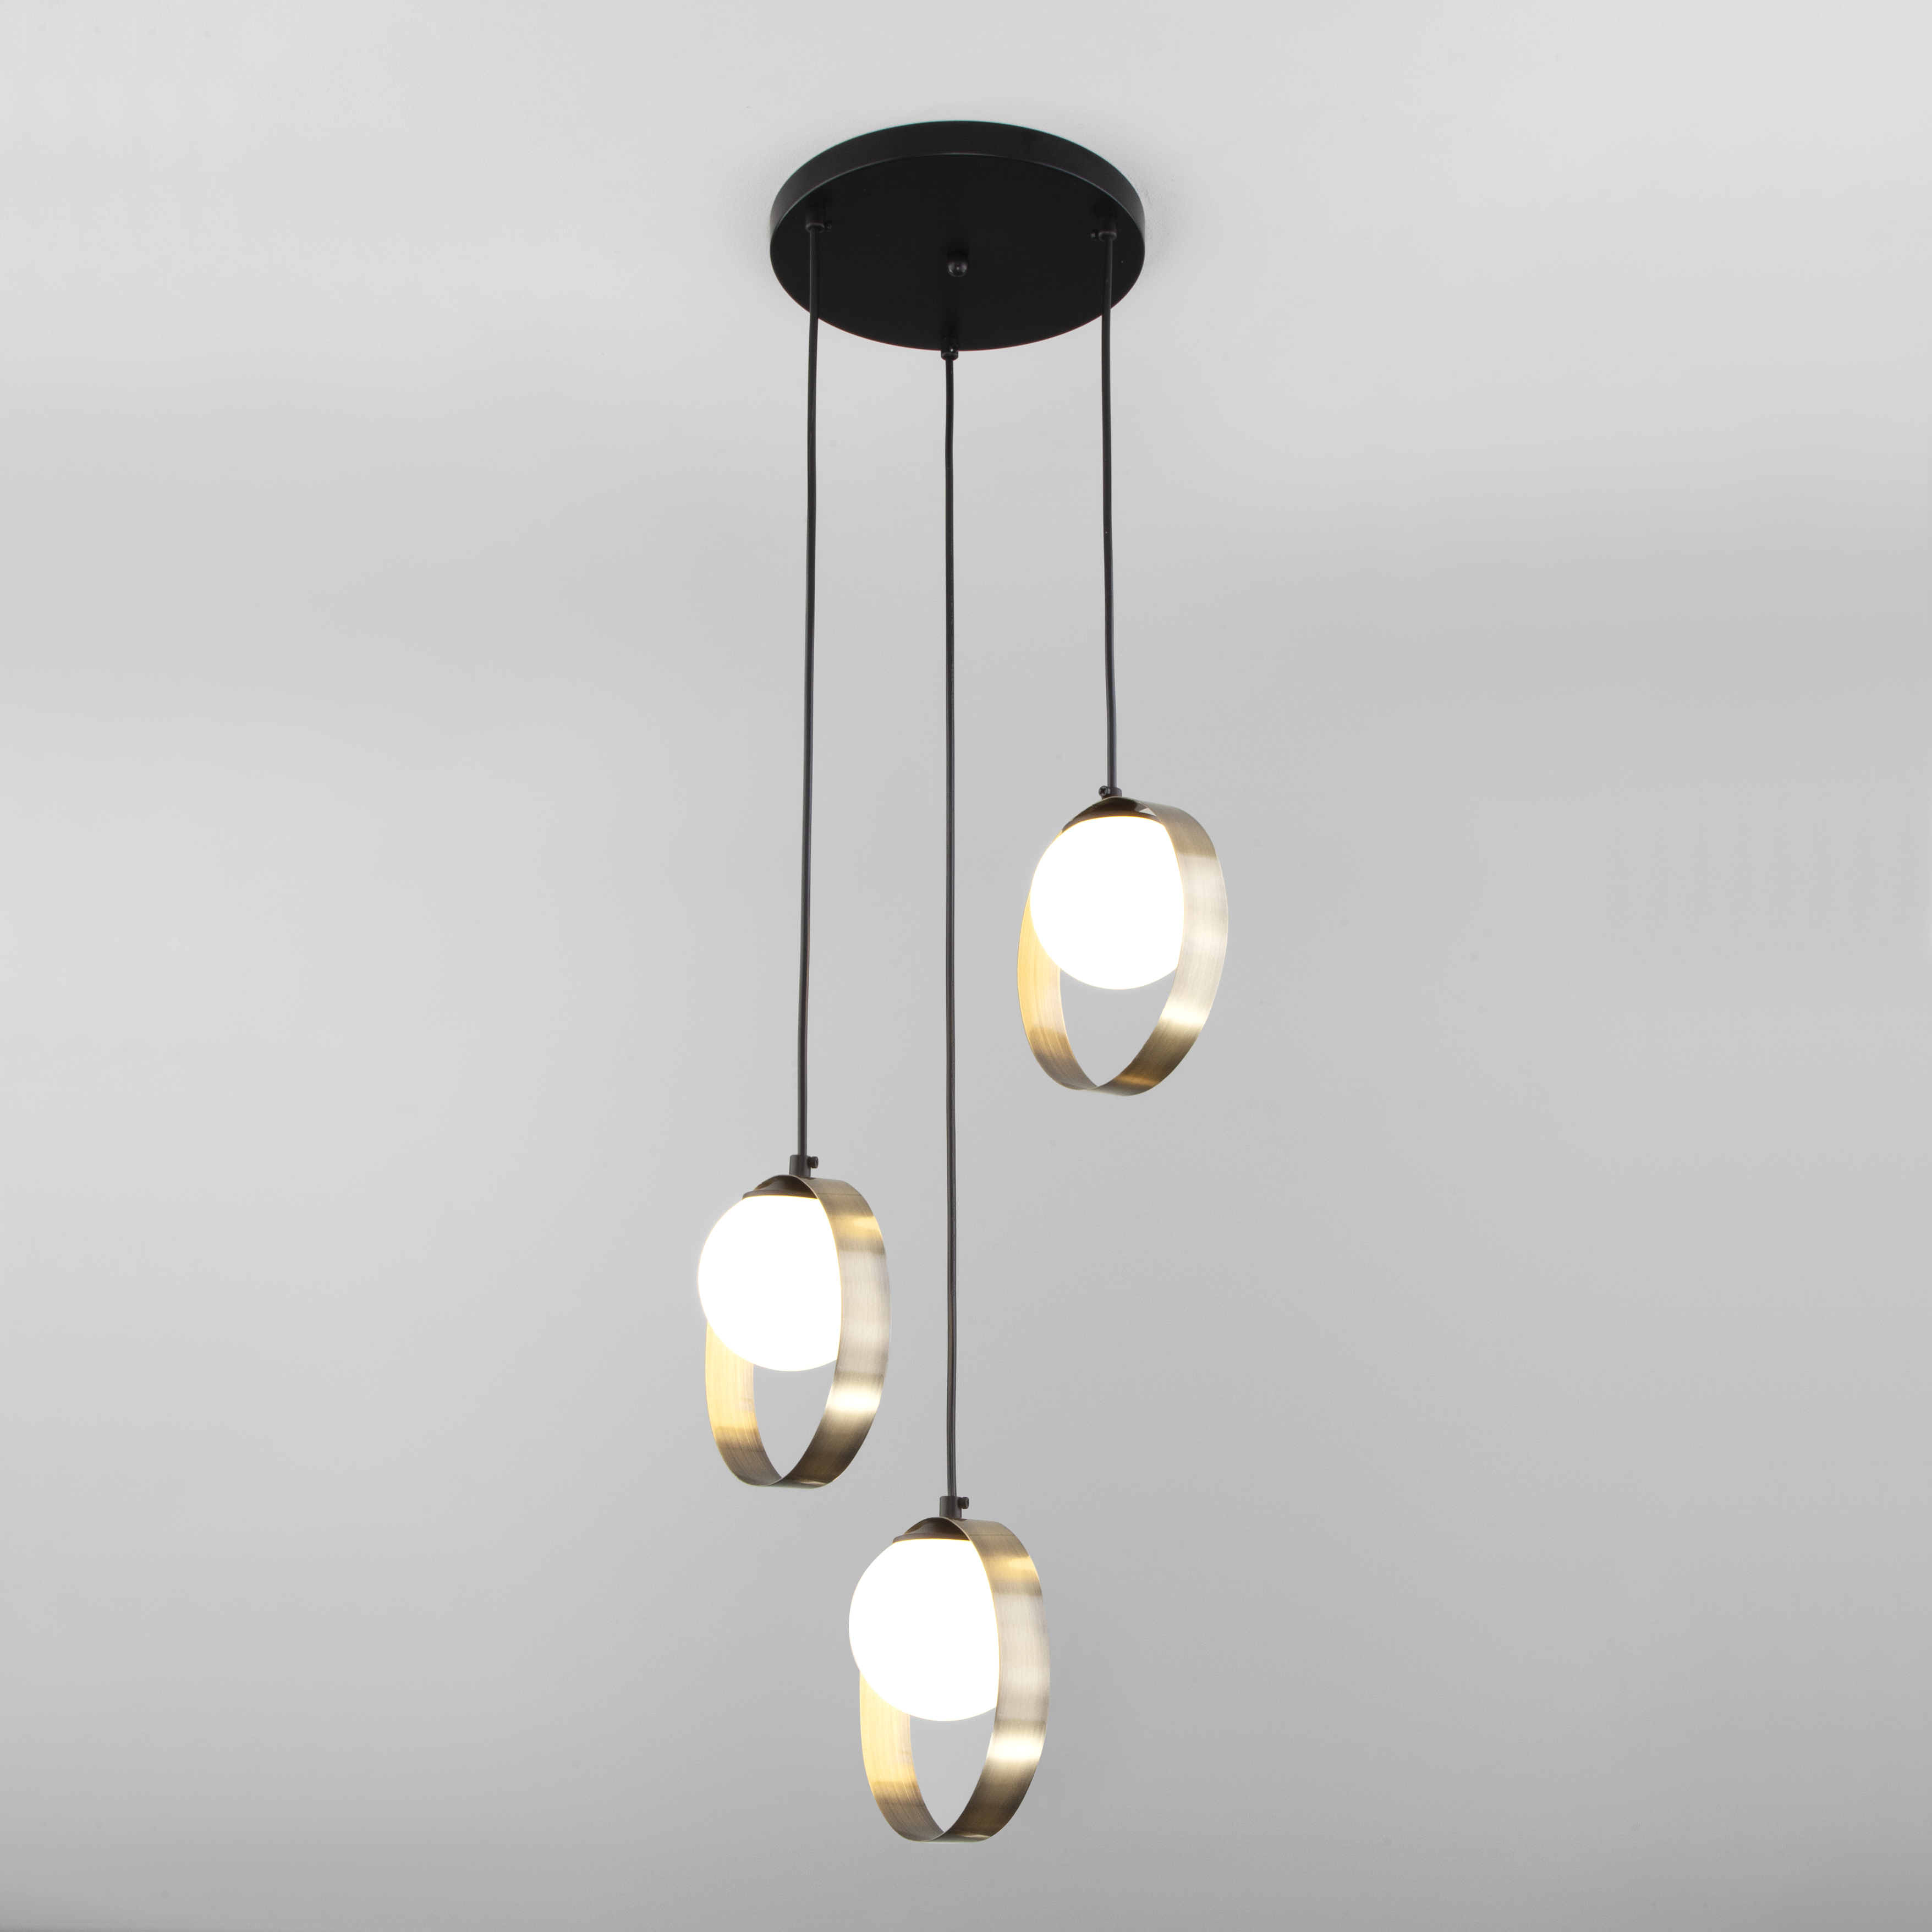 Подвесной светильник со стеклянными плафонами 50205/3 черный/бронза